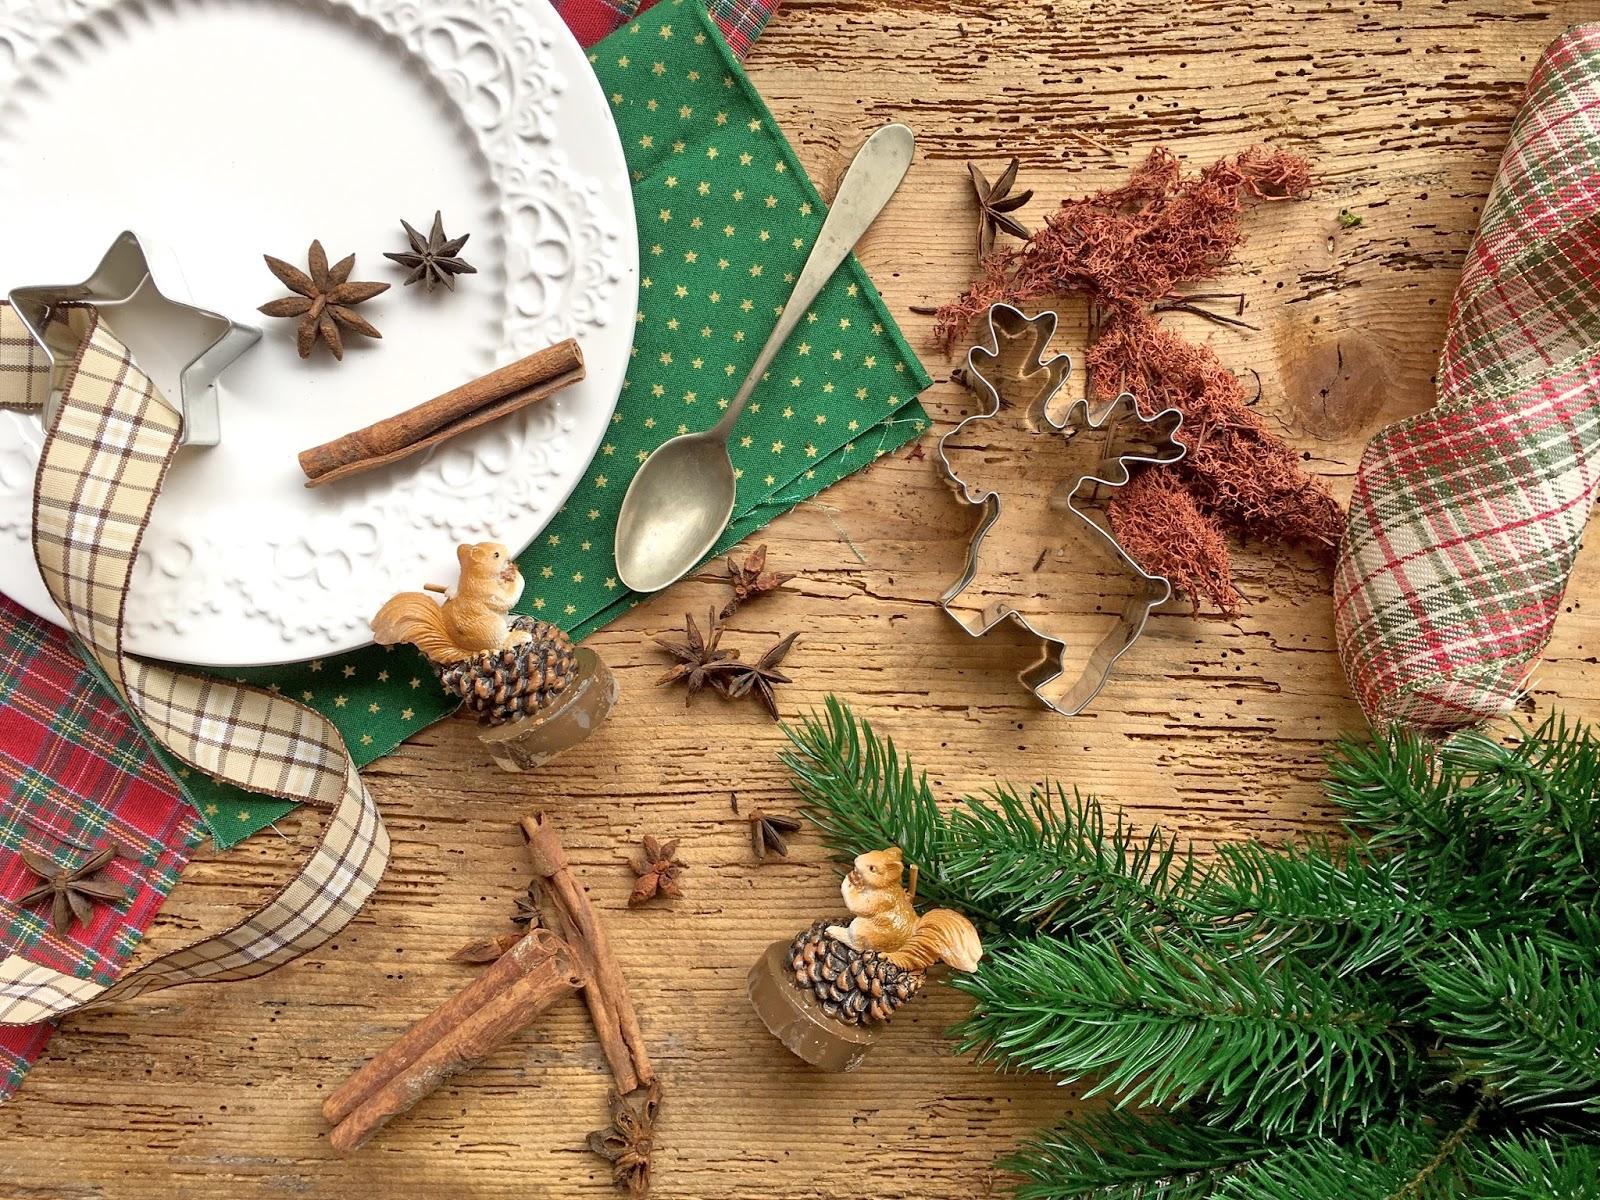 Idee Creative Per Natale idee creative per decorare la tavola di natale ⋆ dilli dalli